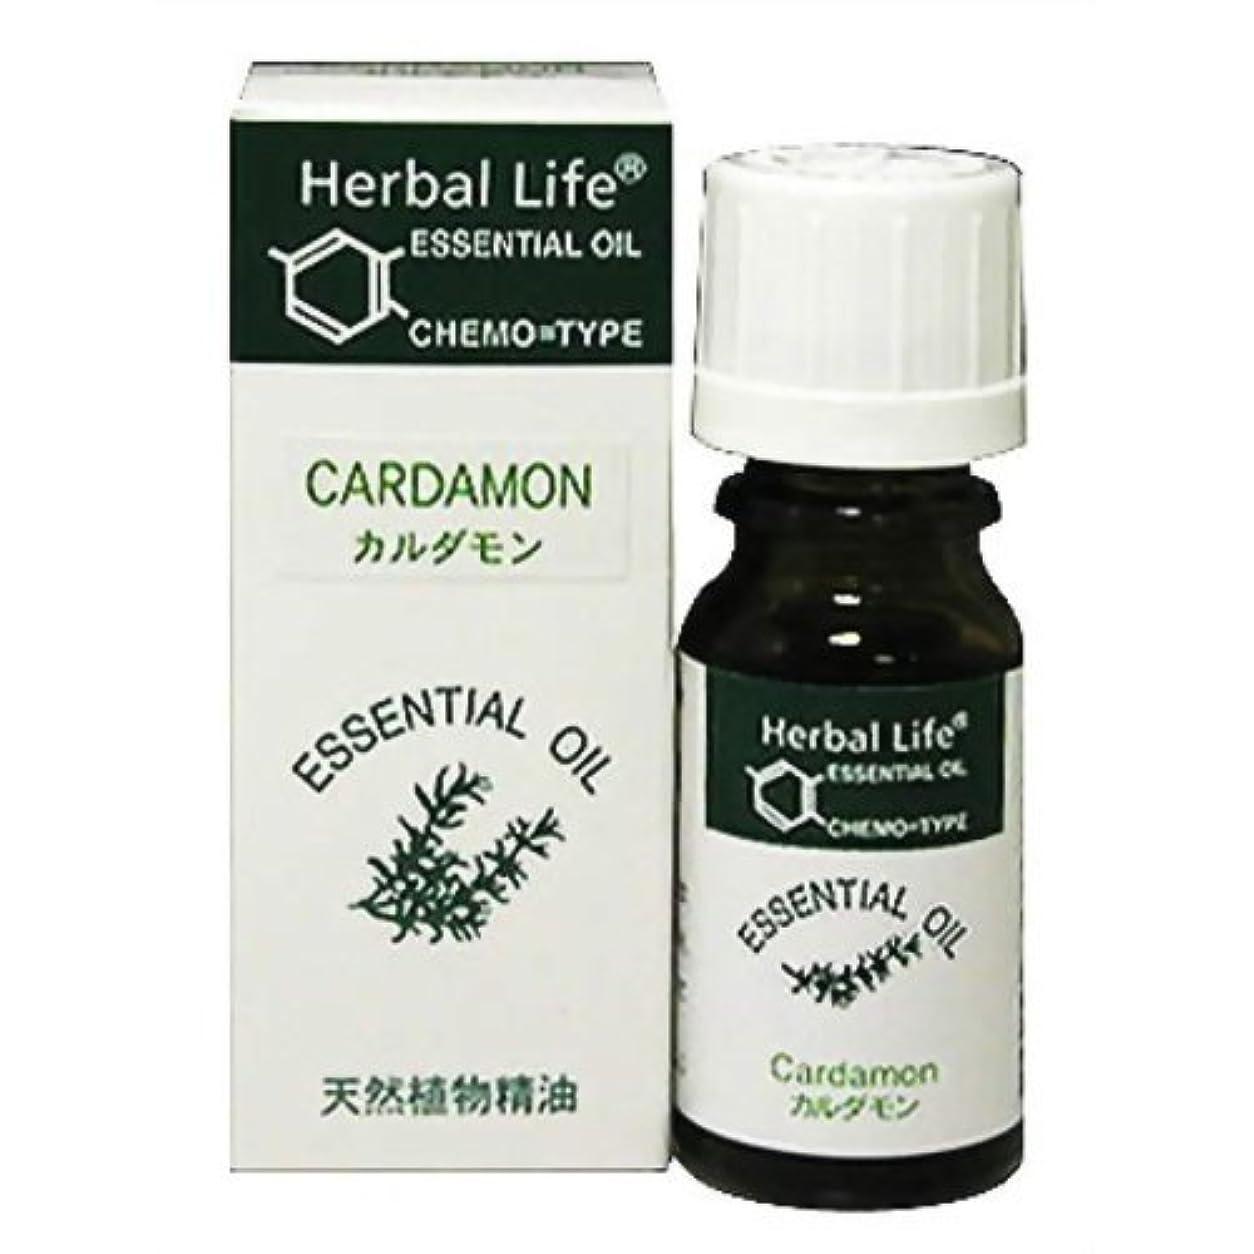 うまれた見落とす移植Herbal Life カルダモン 10ml